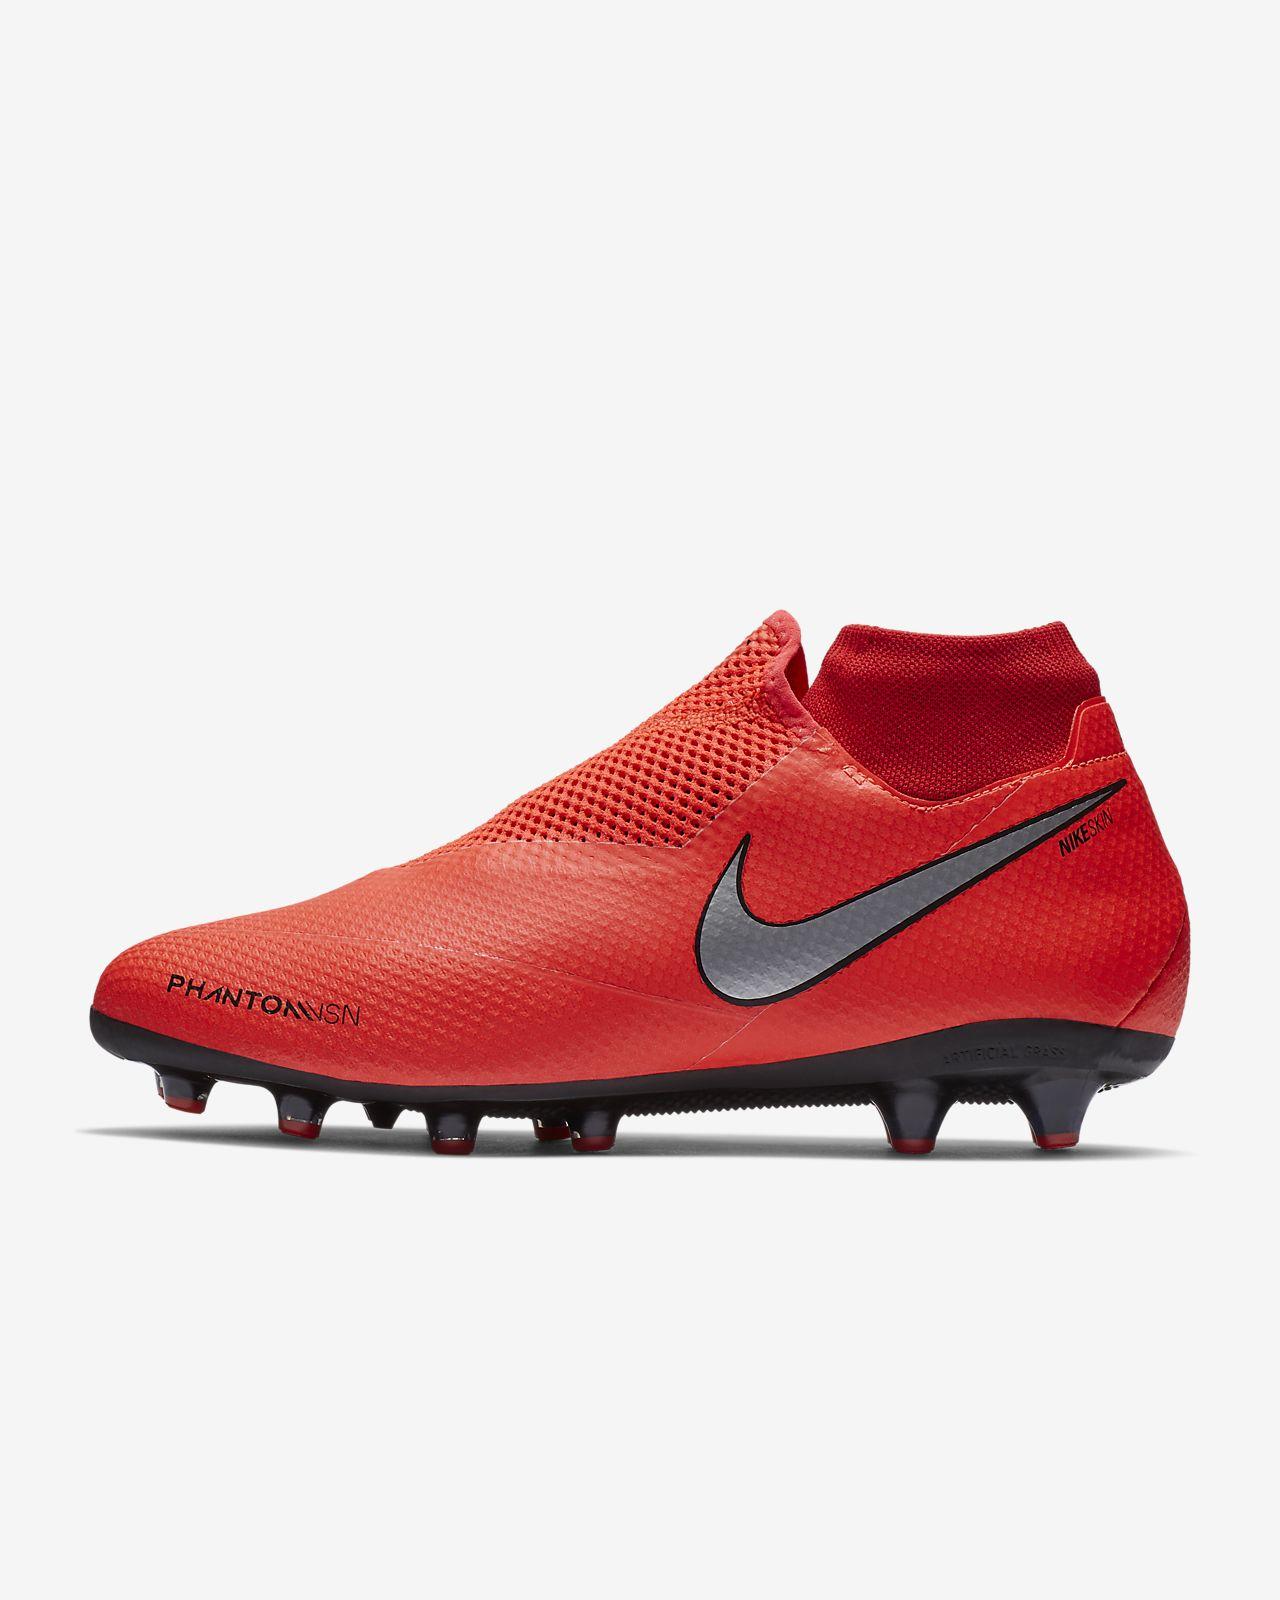 b3a9ab2c24dc9 ... Nike Phantom Vision Pro Dynamic Fit AG-PRO Botas de fútbol para césped  artificial